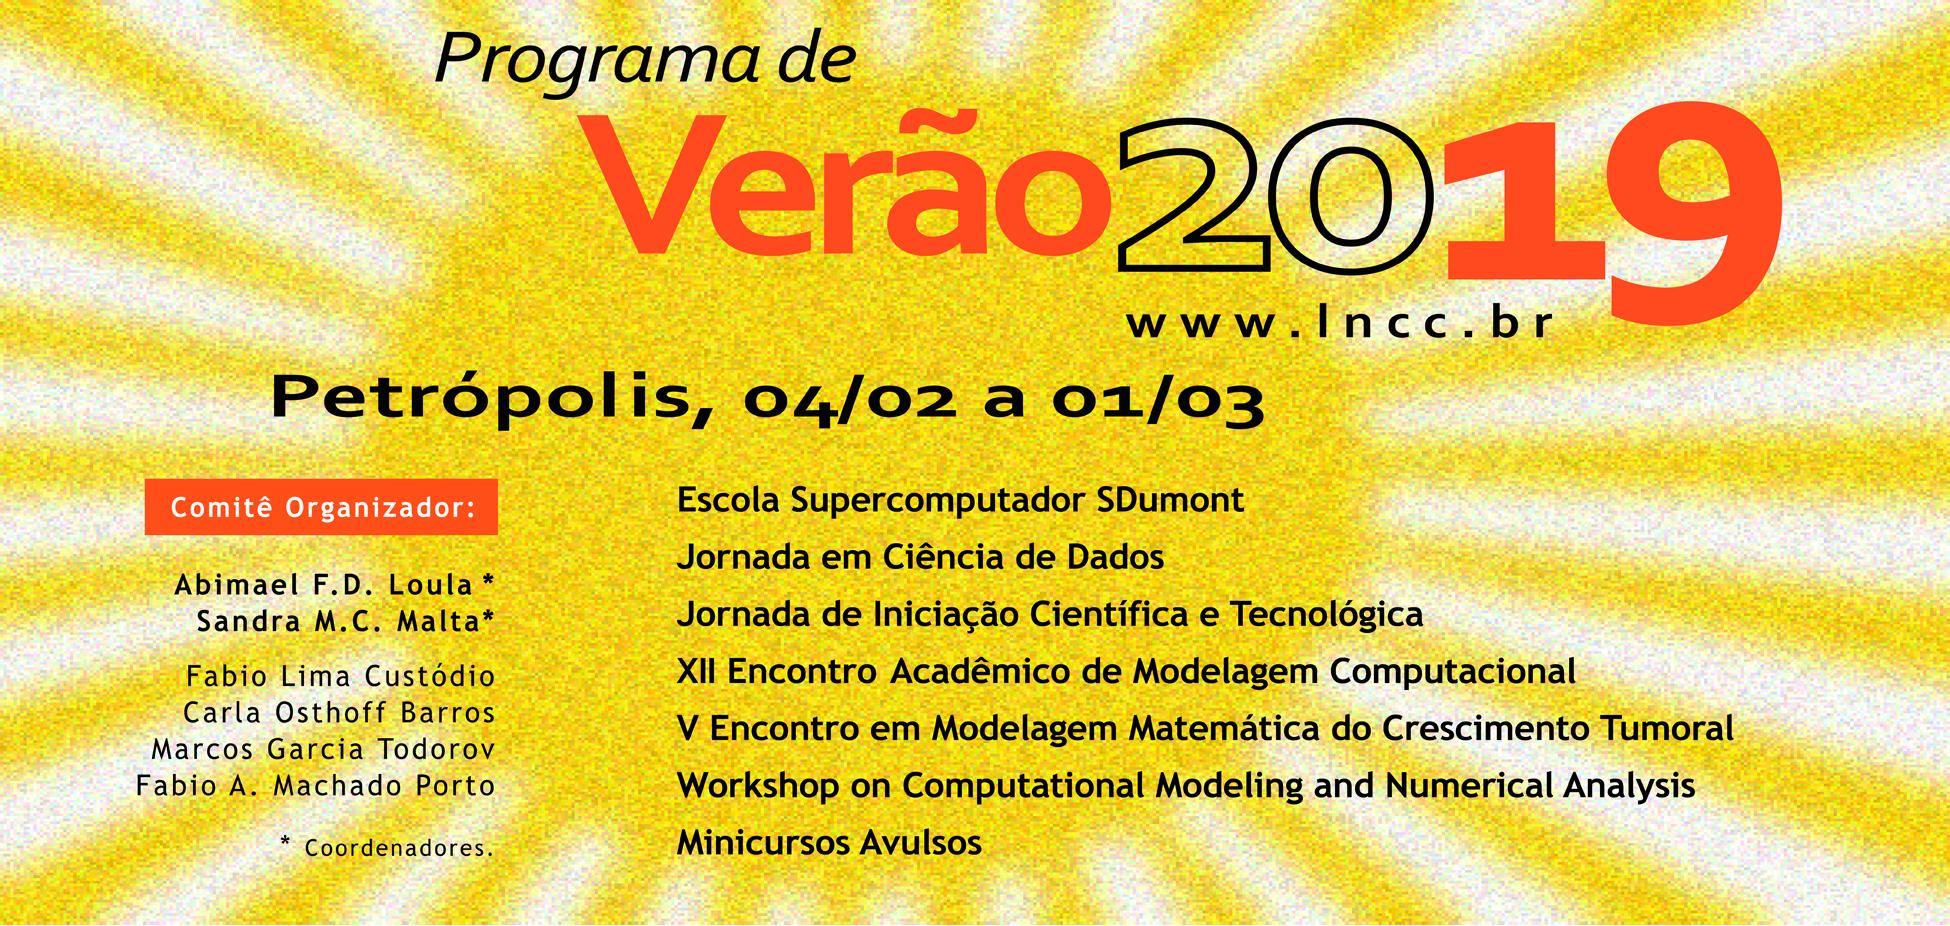 verao_web cópia.png (3.00 MB)